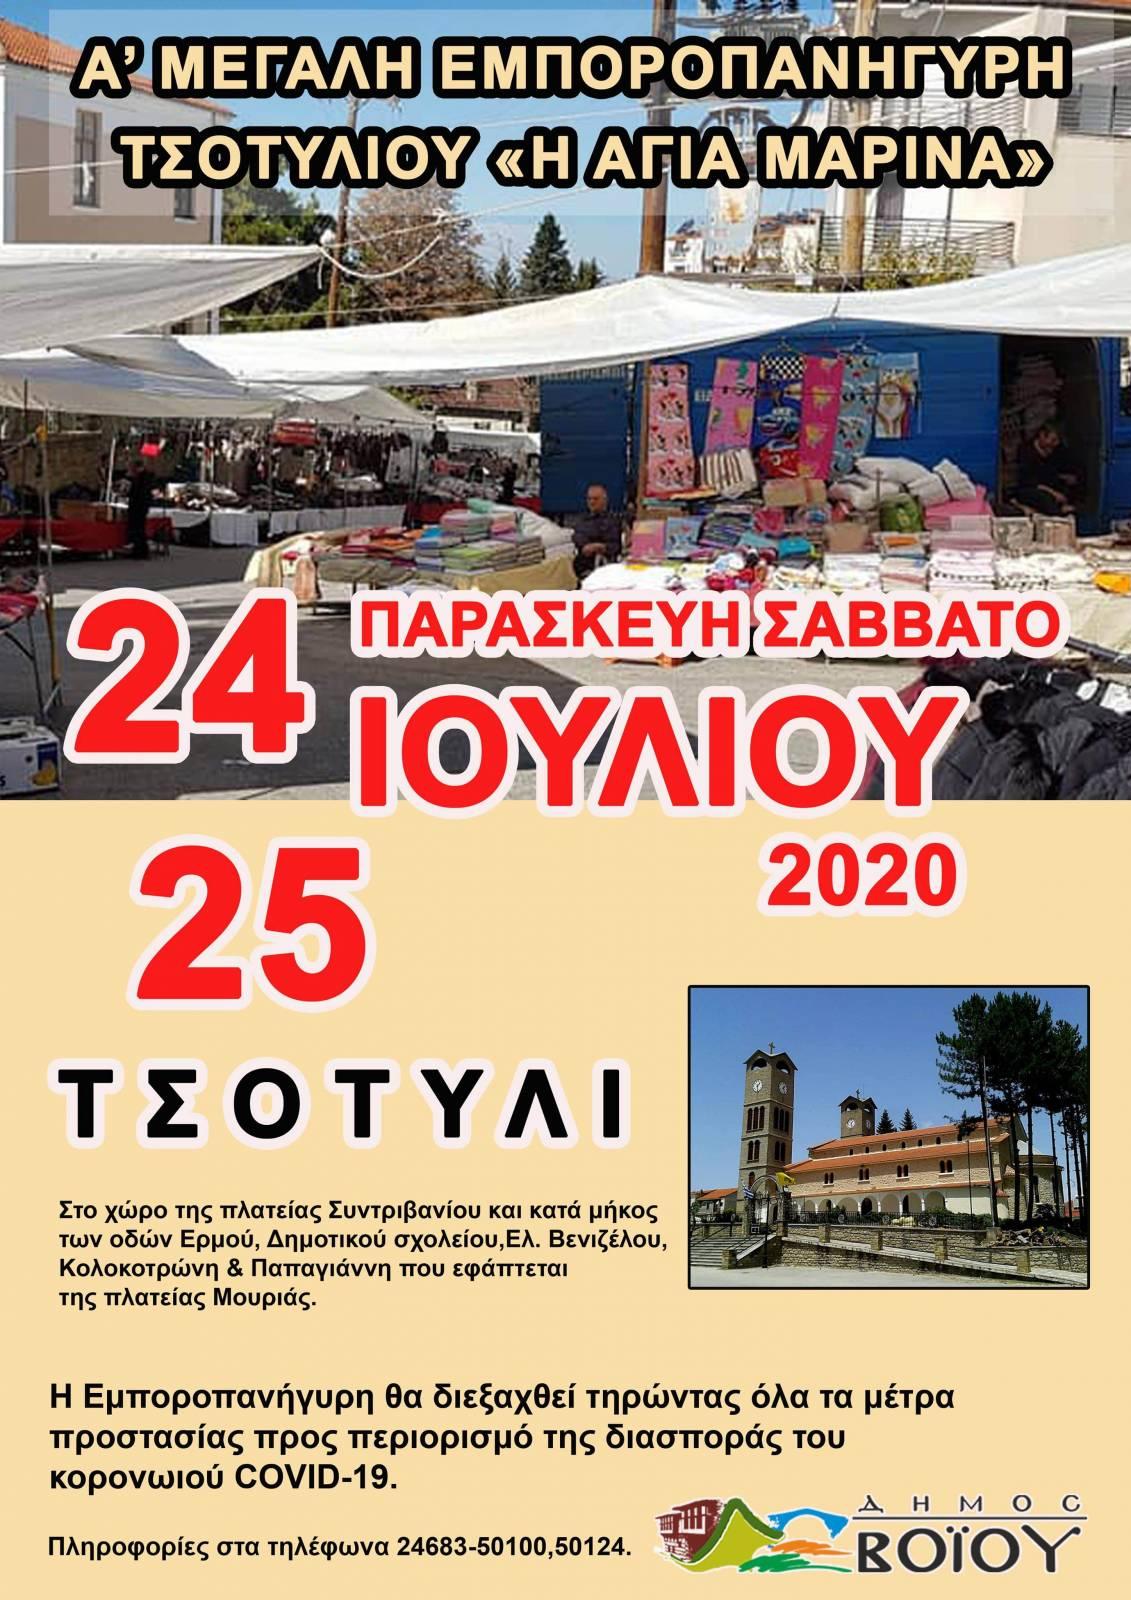 Α' Μεγάλη εμποροπανήγυρη «Η Αγία Μαρίνα» στο Τσοτύλι την Παρασκευή 24 και το Σάββατο 25 Ιουλίου